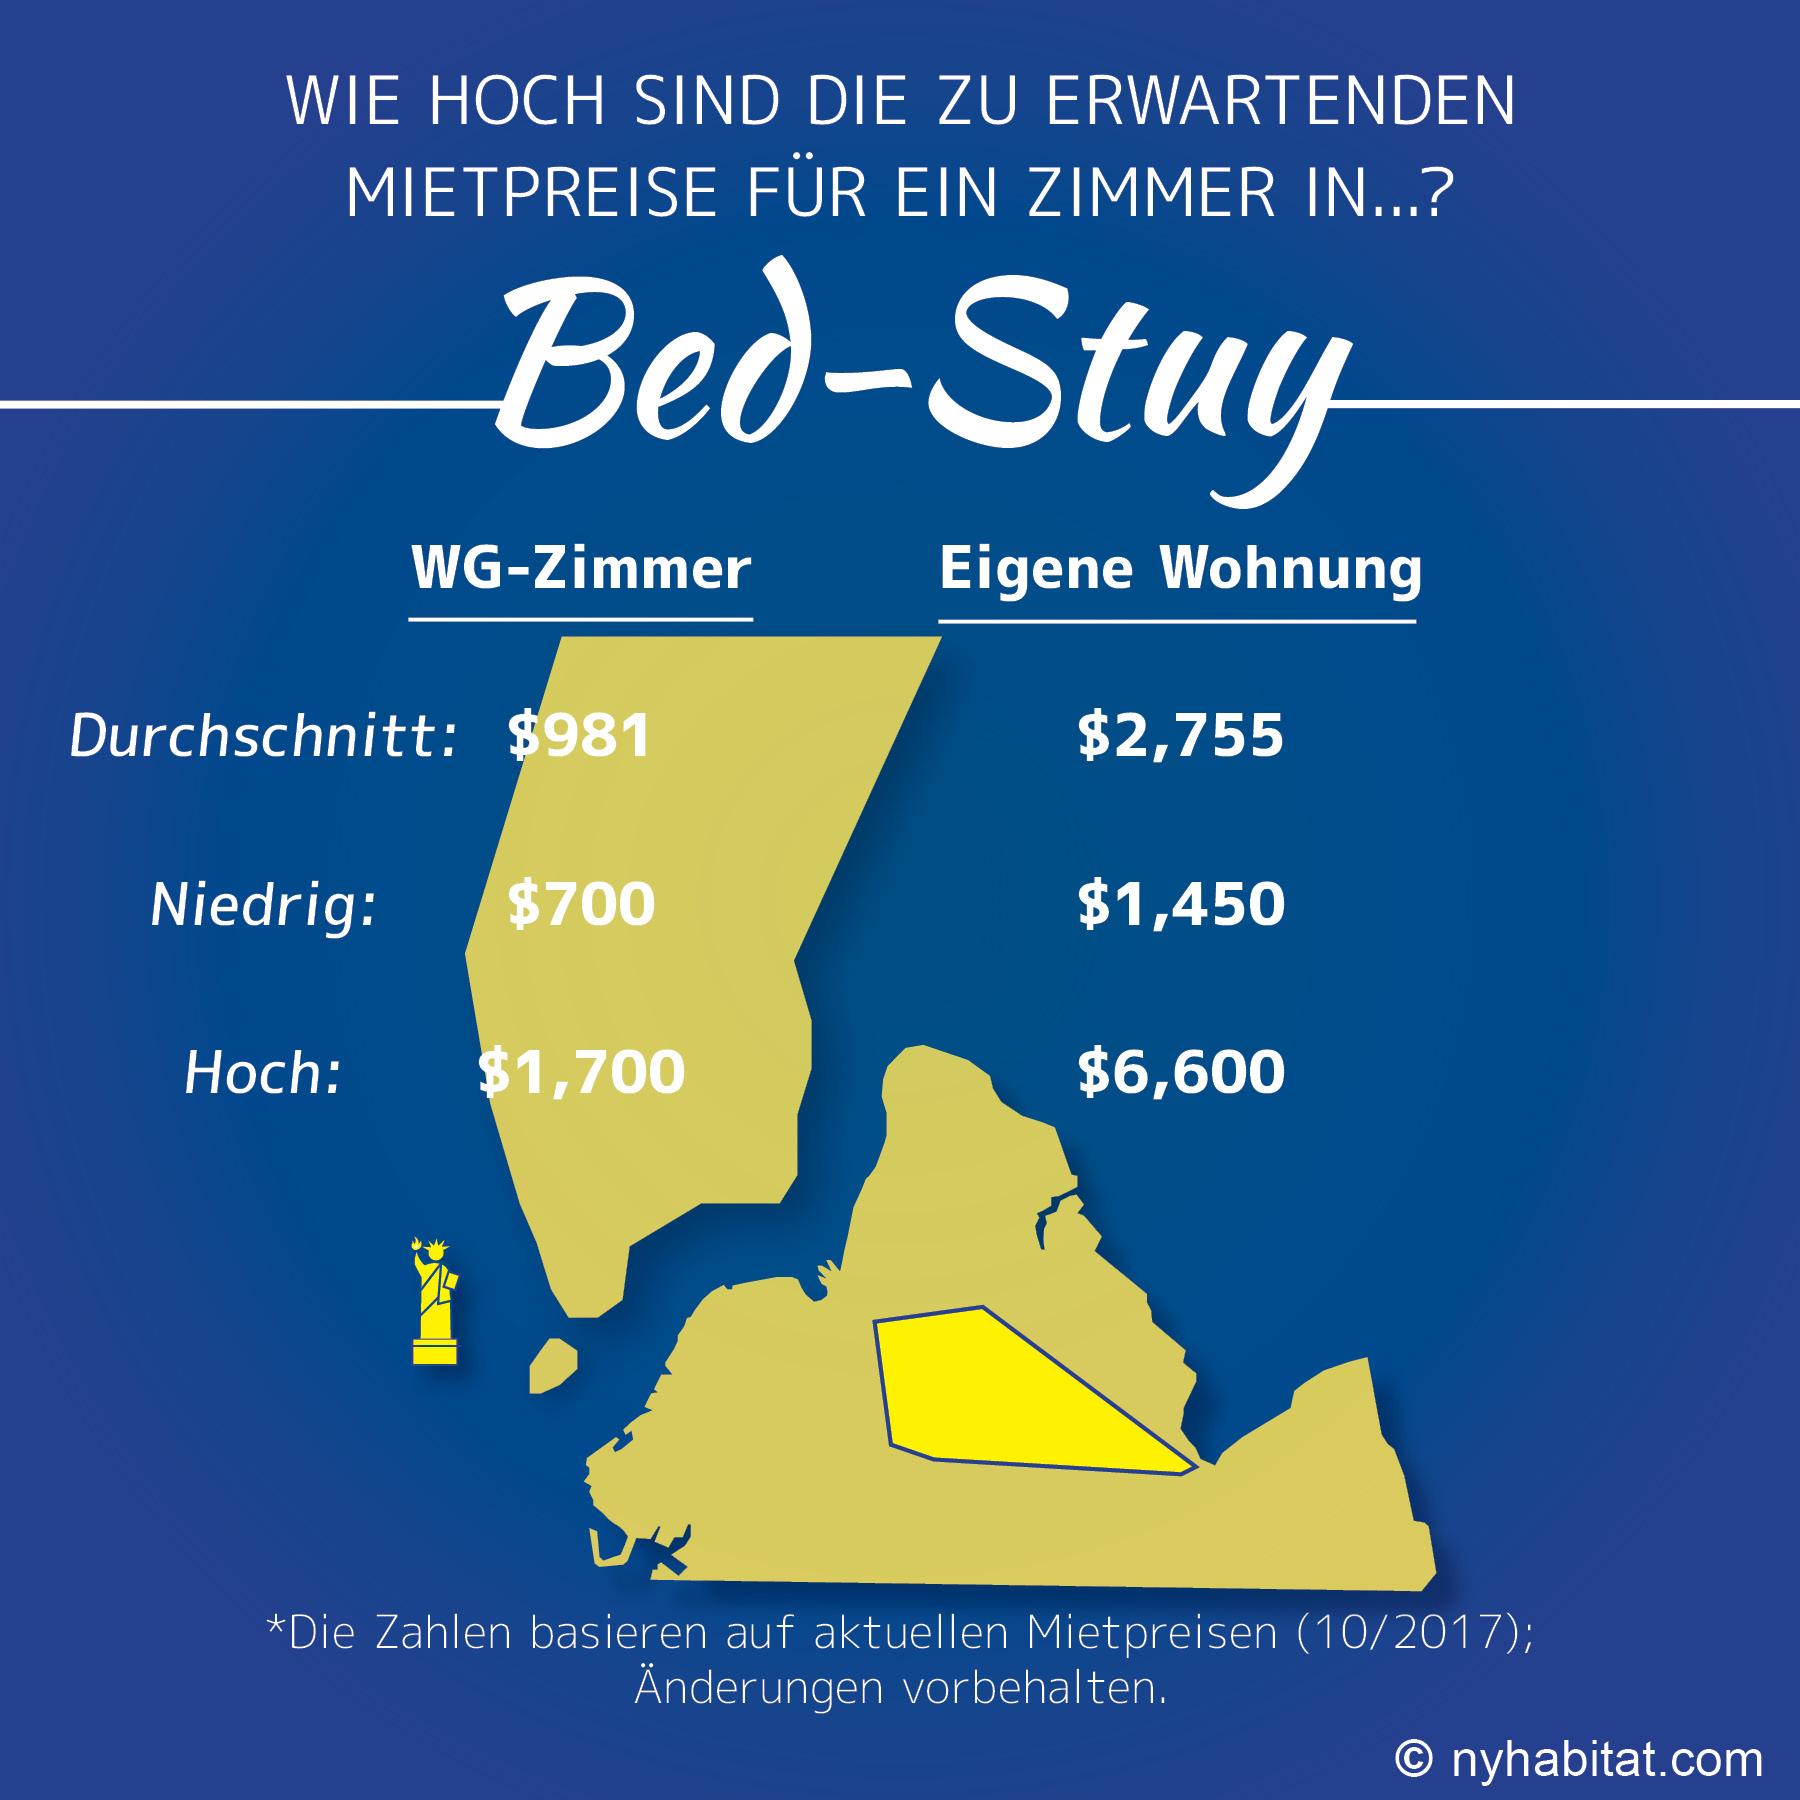 Infografik zum Mietpreisvergleich von Wohnungen und Zimmern in Bed-Stuy, Brooklyn